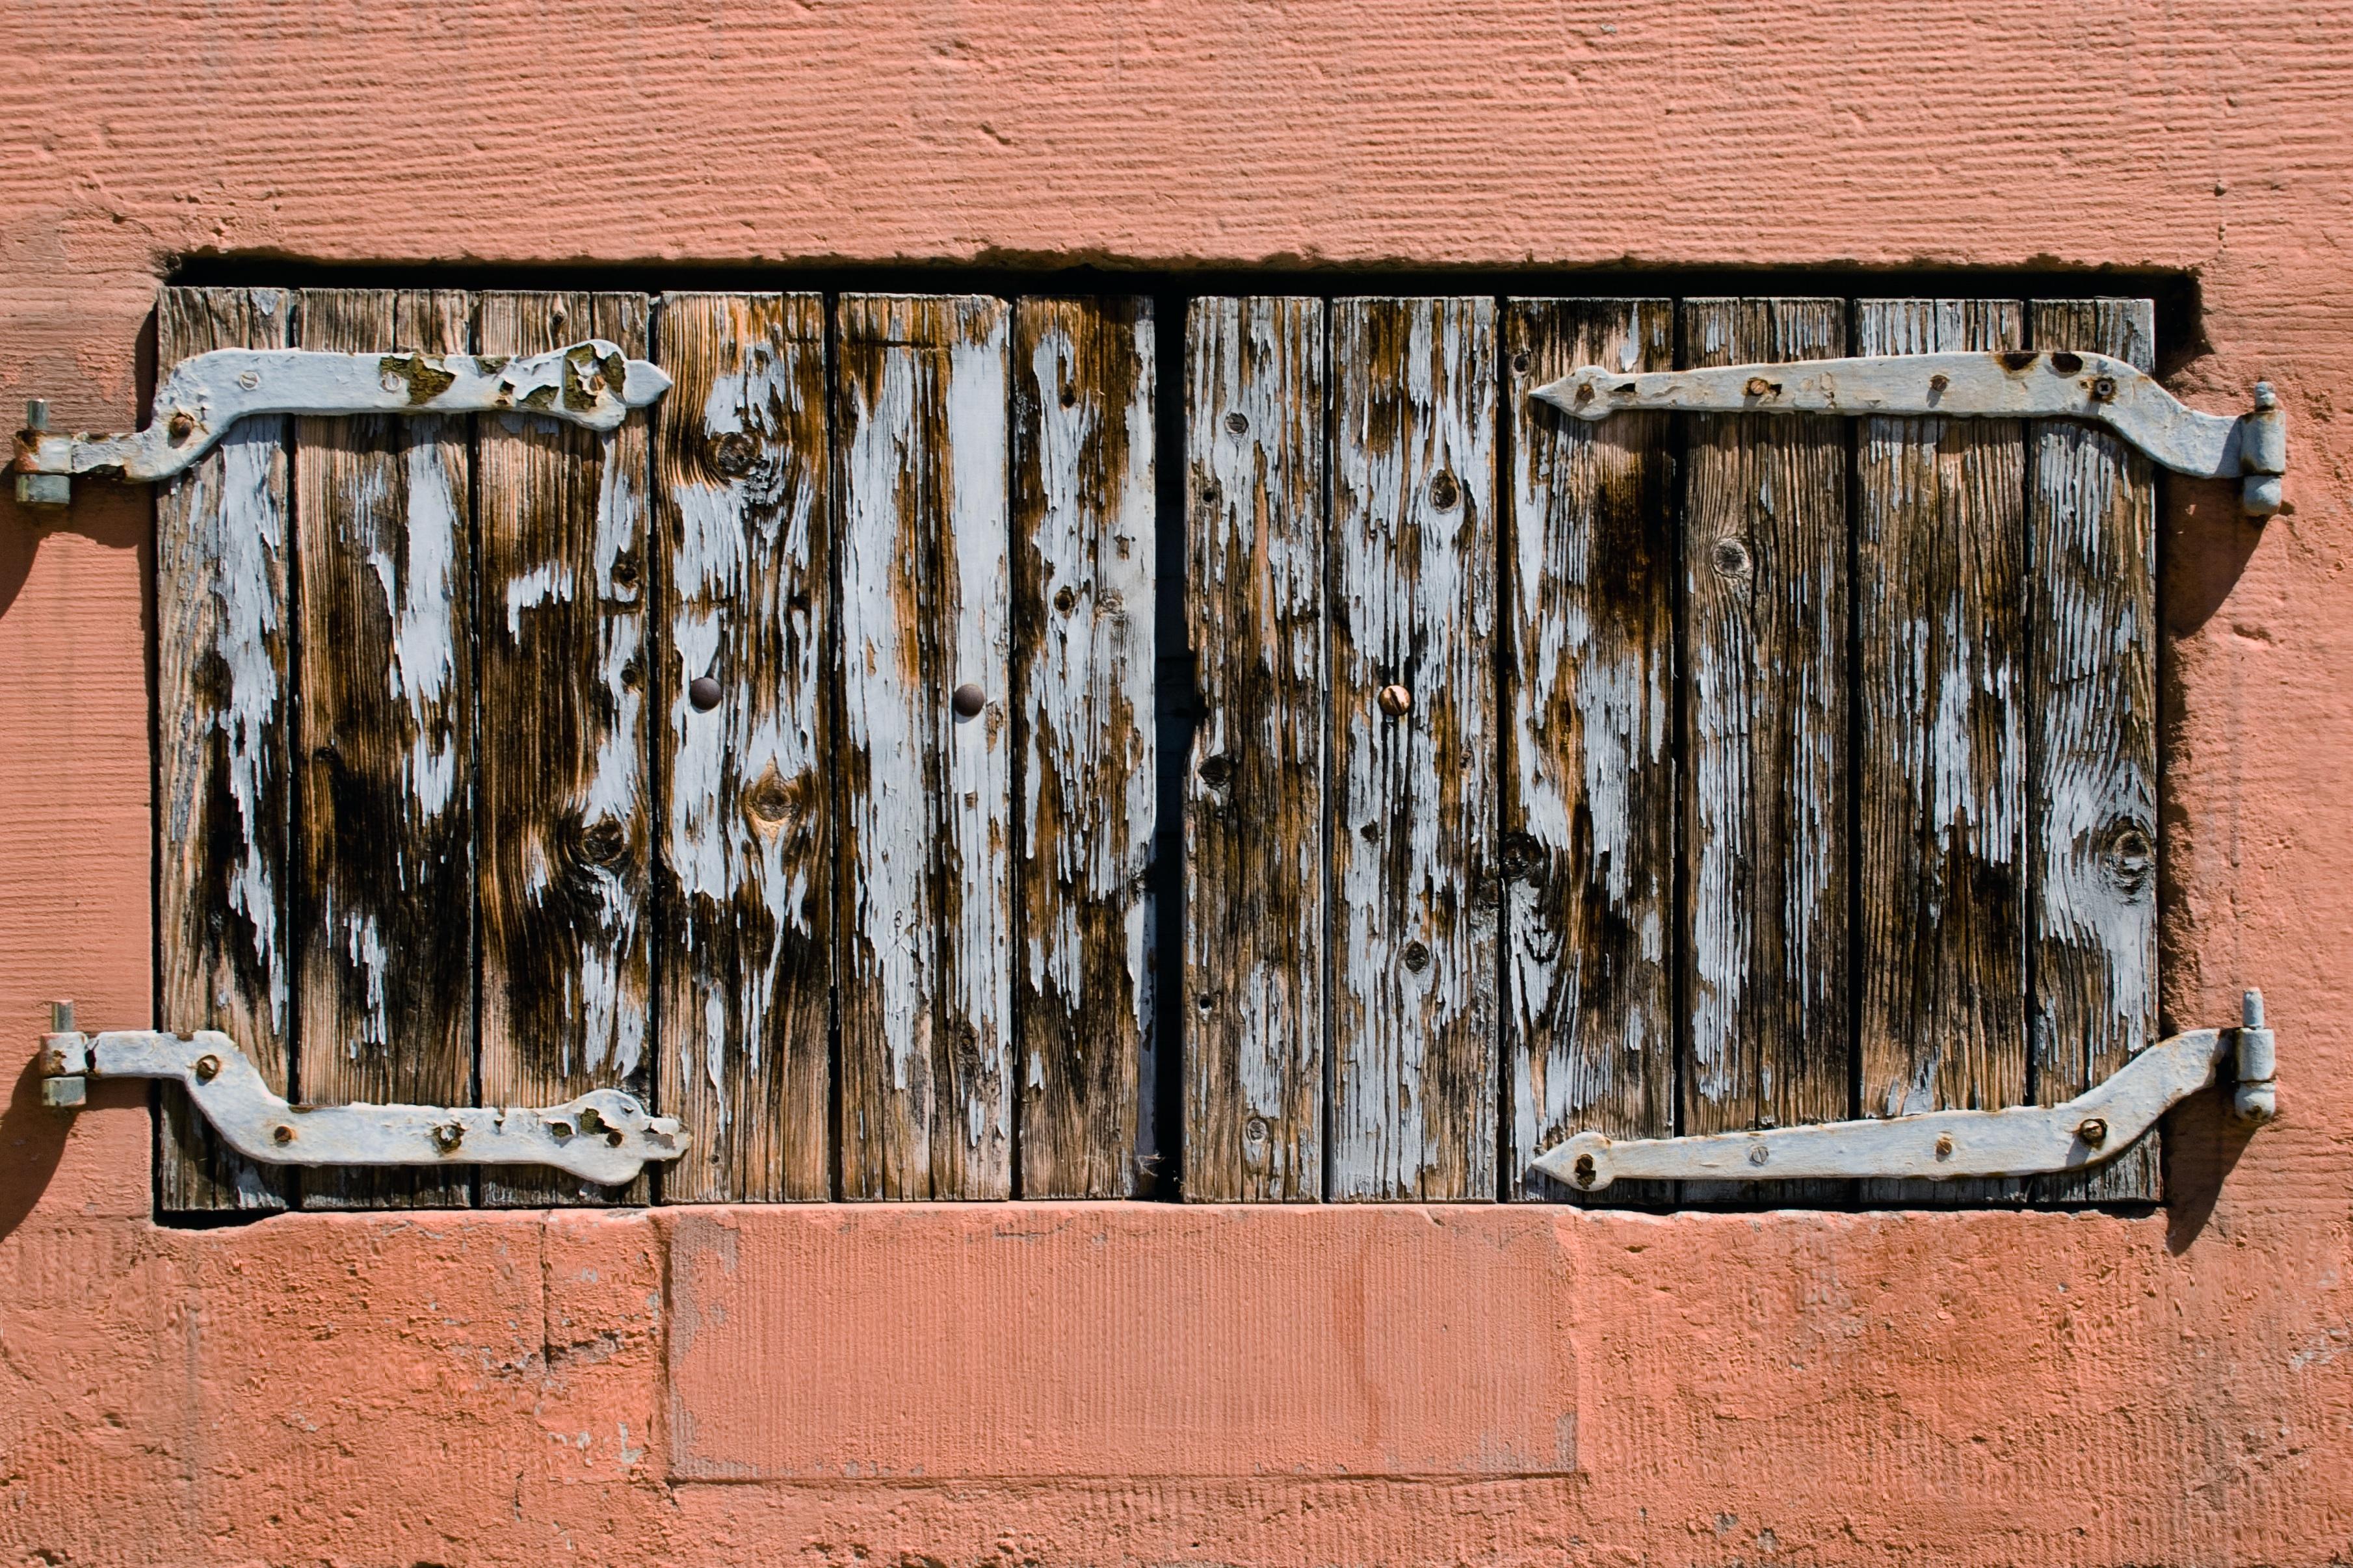 Fotos gratis : estructura, casa, ventana, granero, pared, choza ...